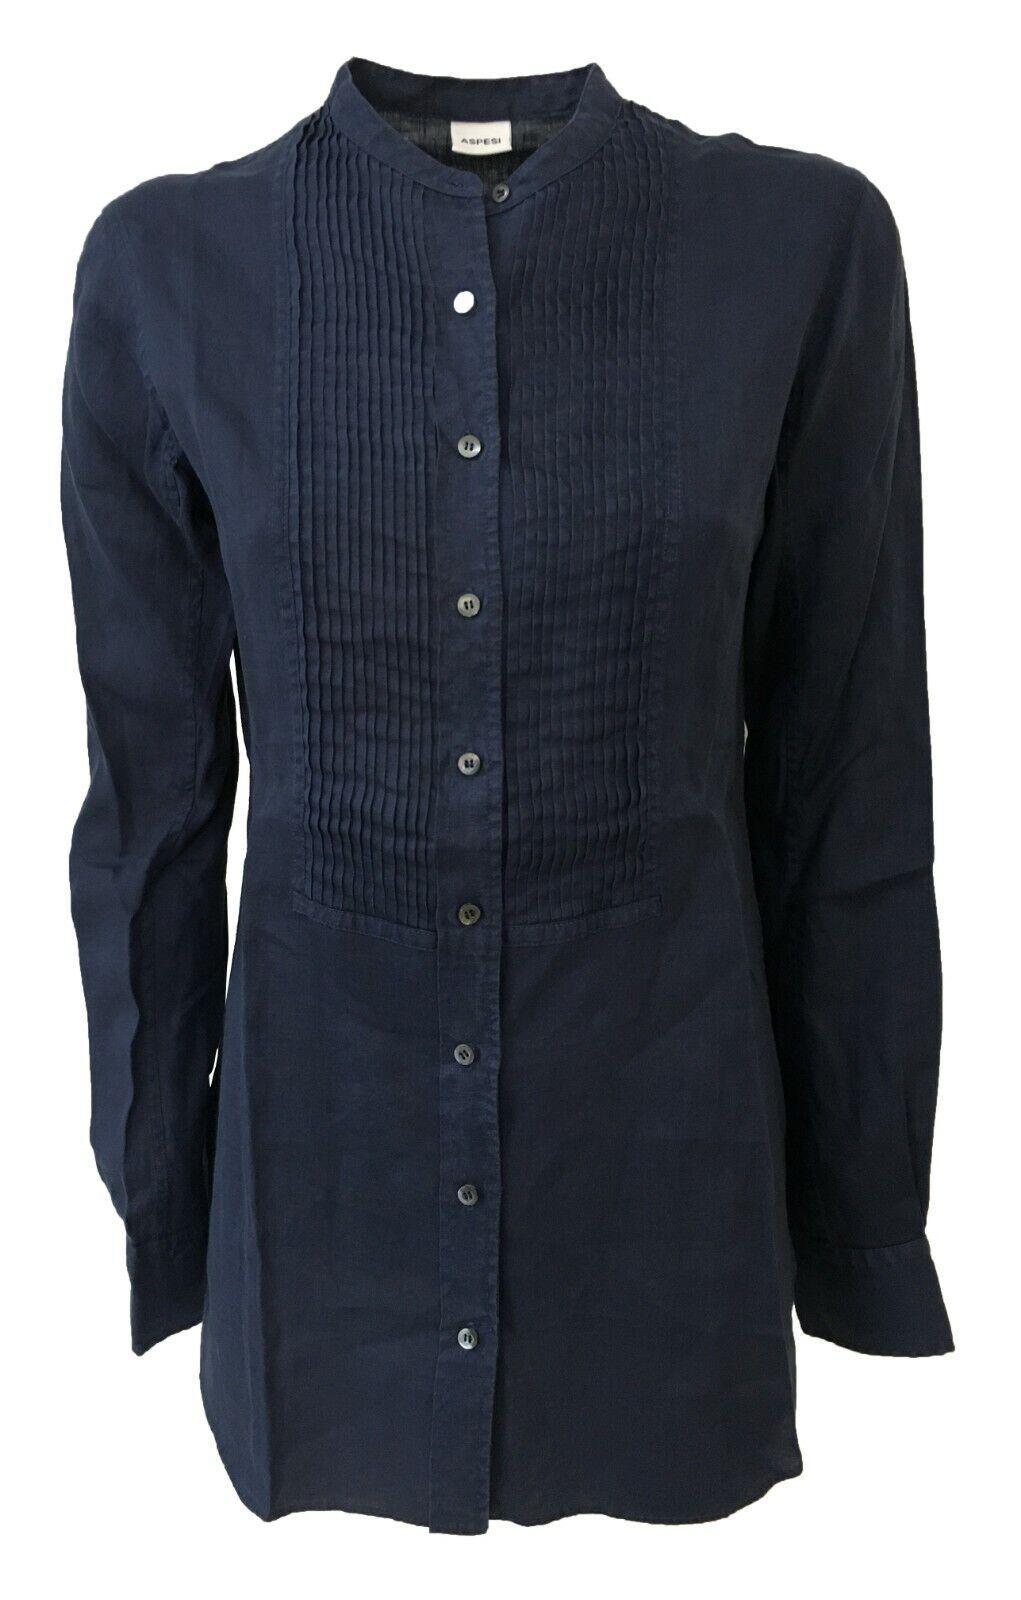 Camicia damen Blau ASPESI modello H H713 C195 in 100% lino